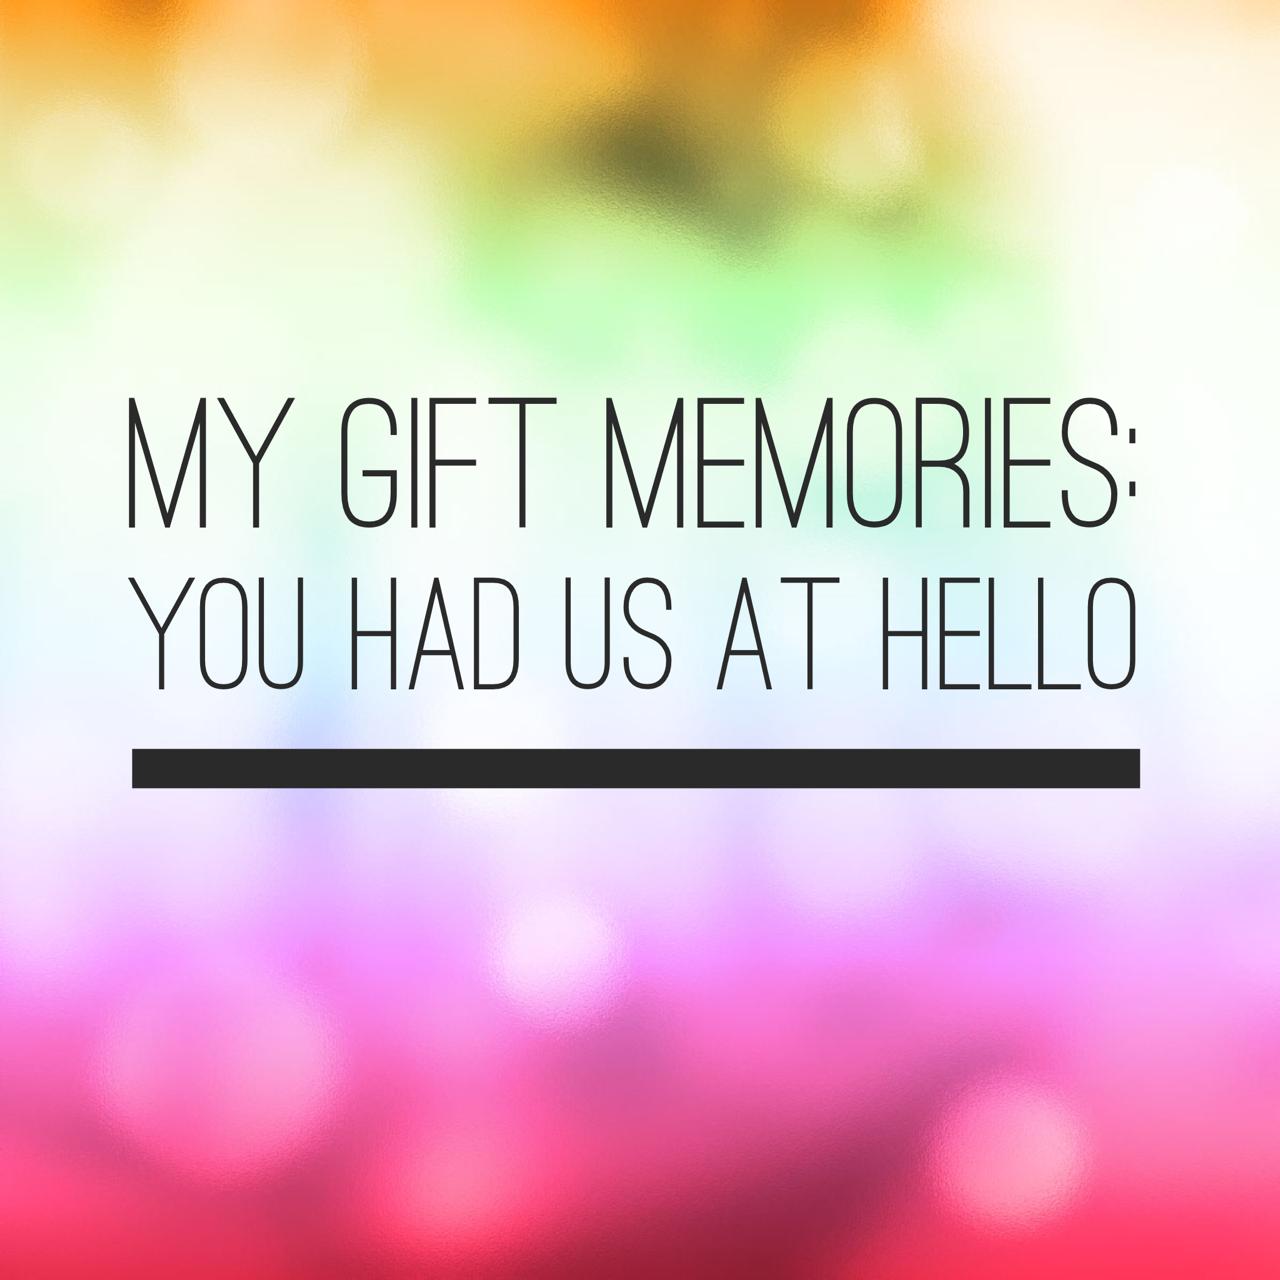 My gift memories - You had us at hello.jpeg